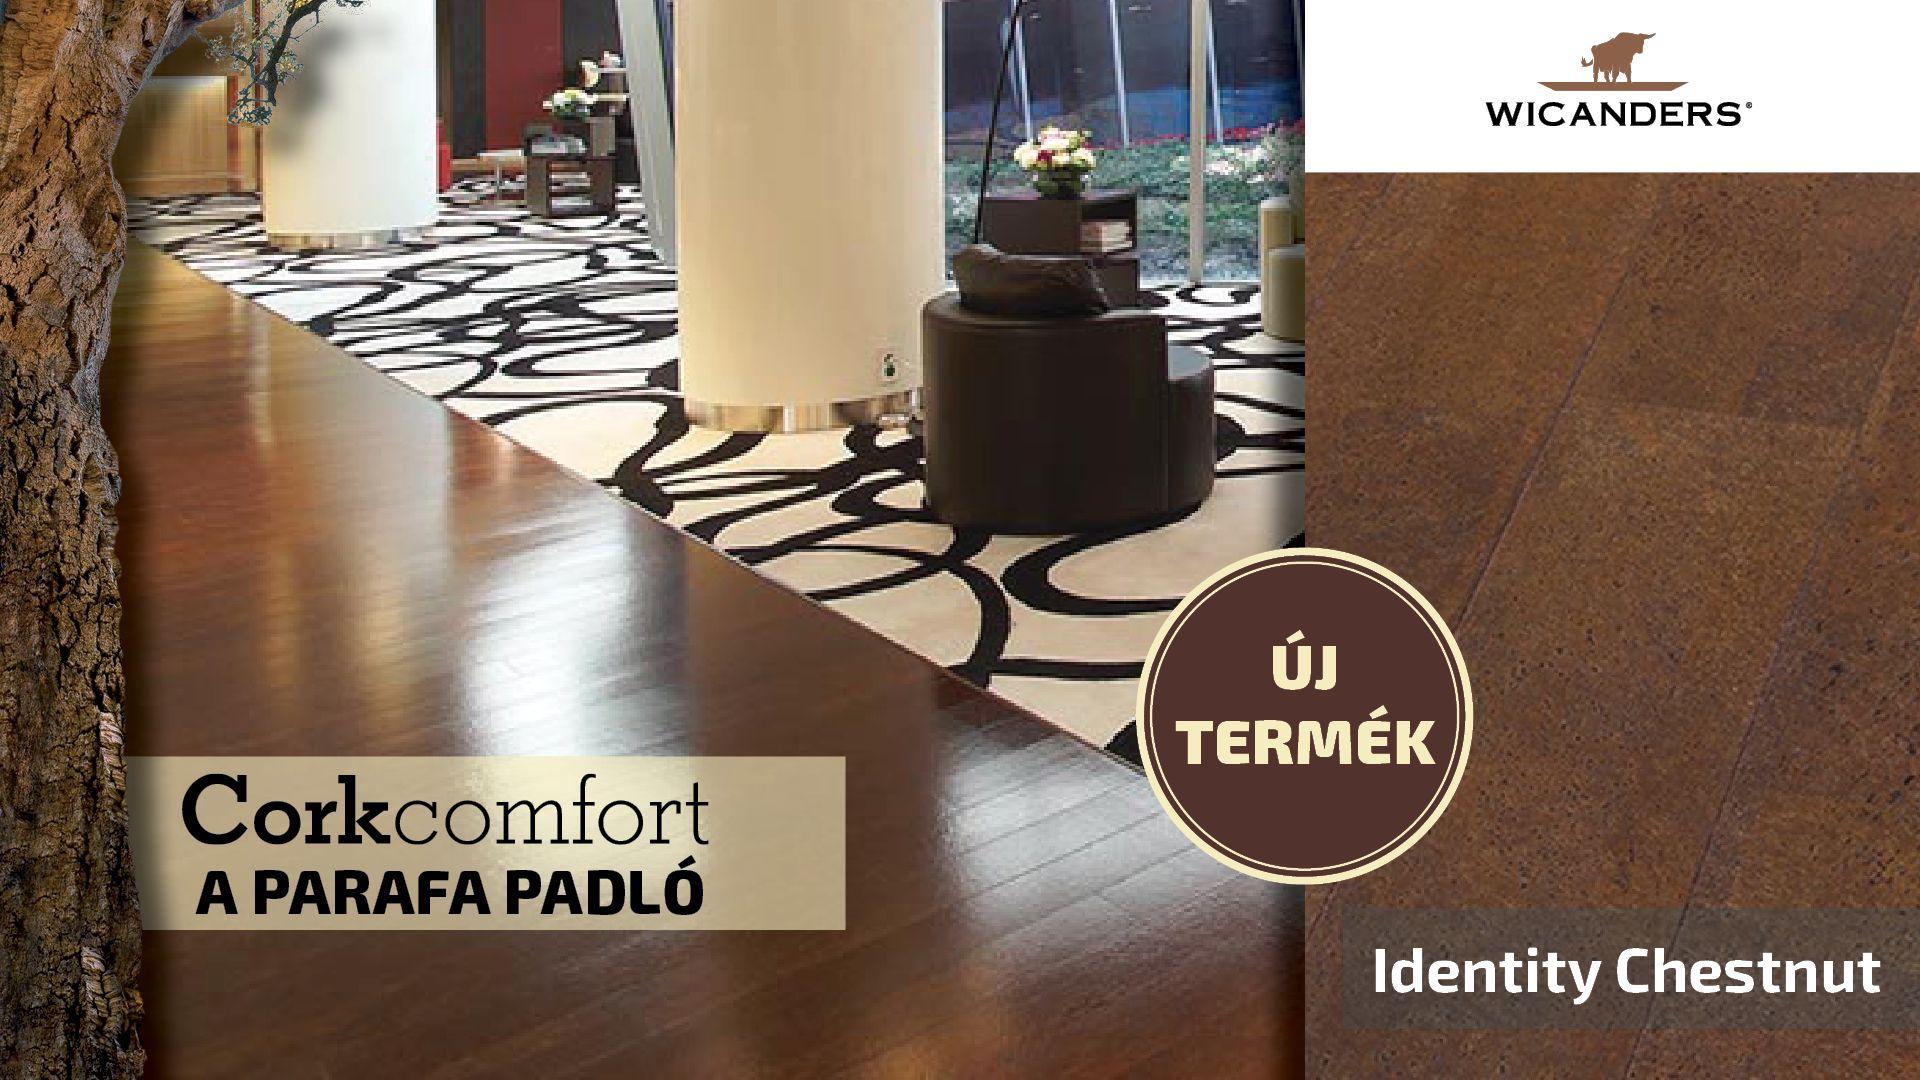 2017-03-wicanders-corkcomfort-3.jpg